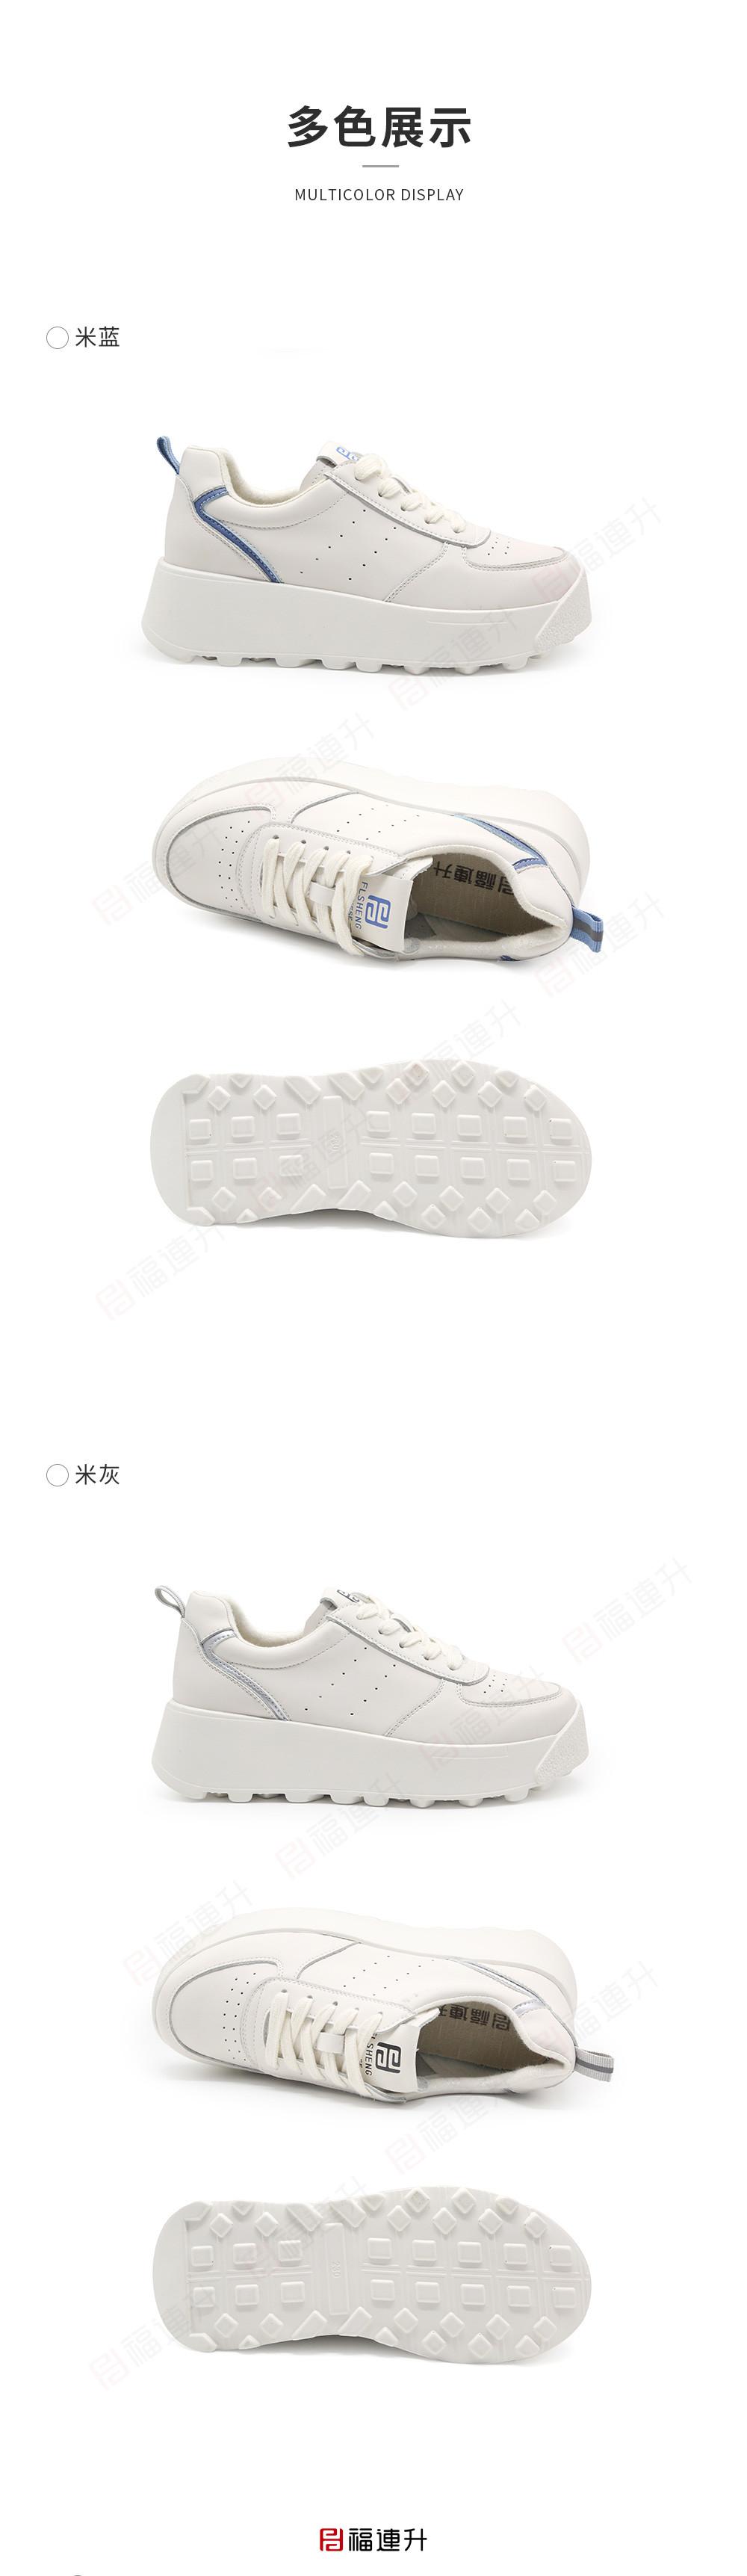 福连升休闲鞋女鞋厚底百搭小白鞋增高新款面包鞋图片